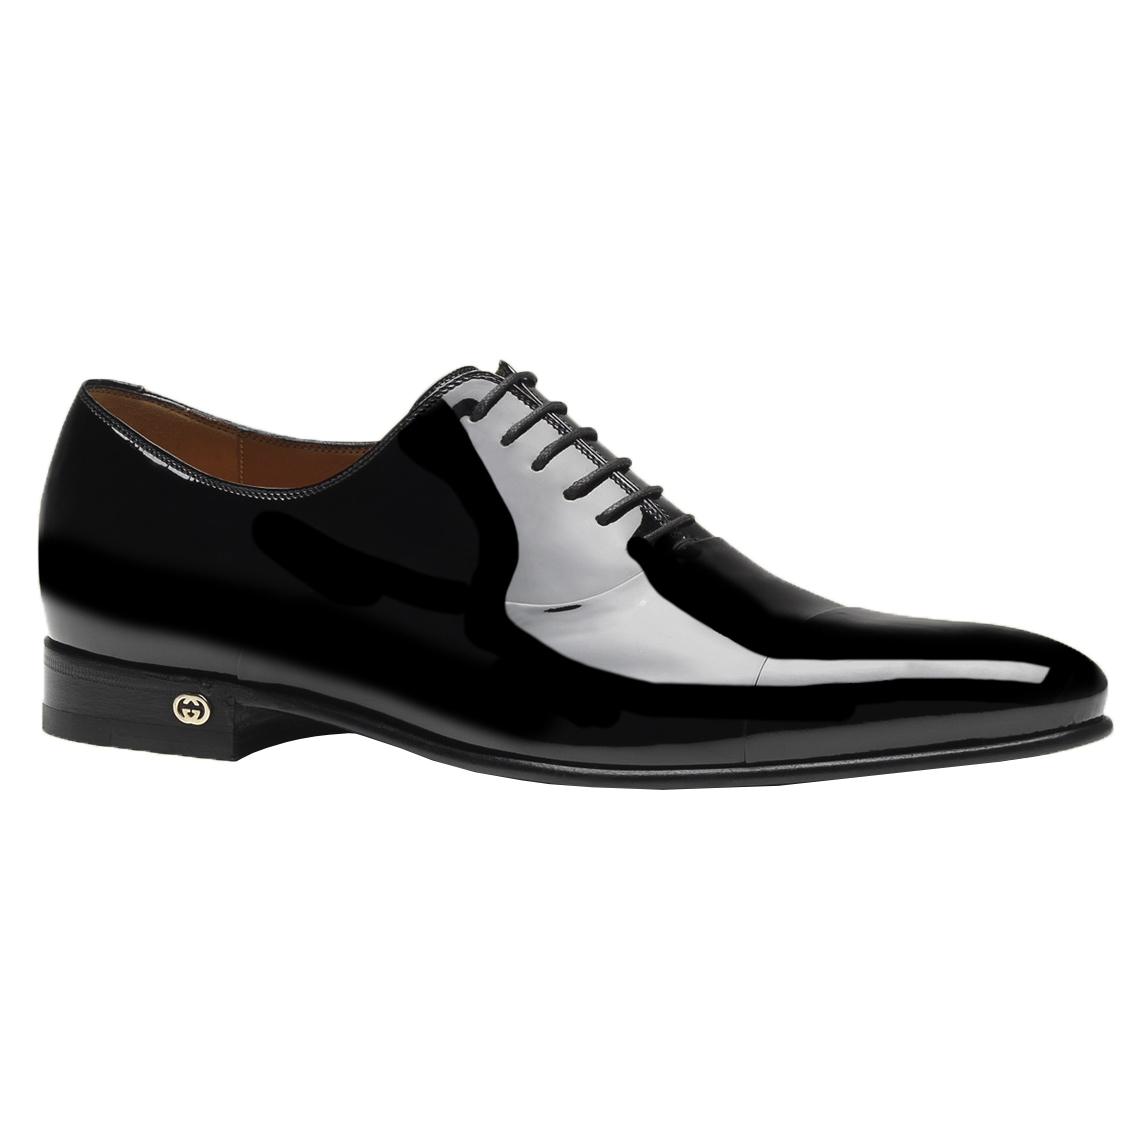 a8835534807 Gucci Men s Black Patent Leather Lace Up Tuxedo Shoes